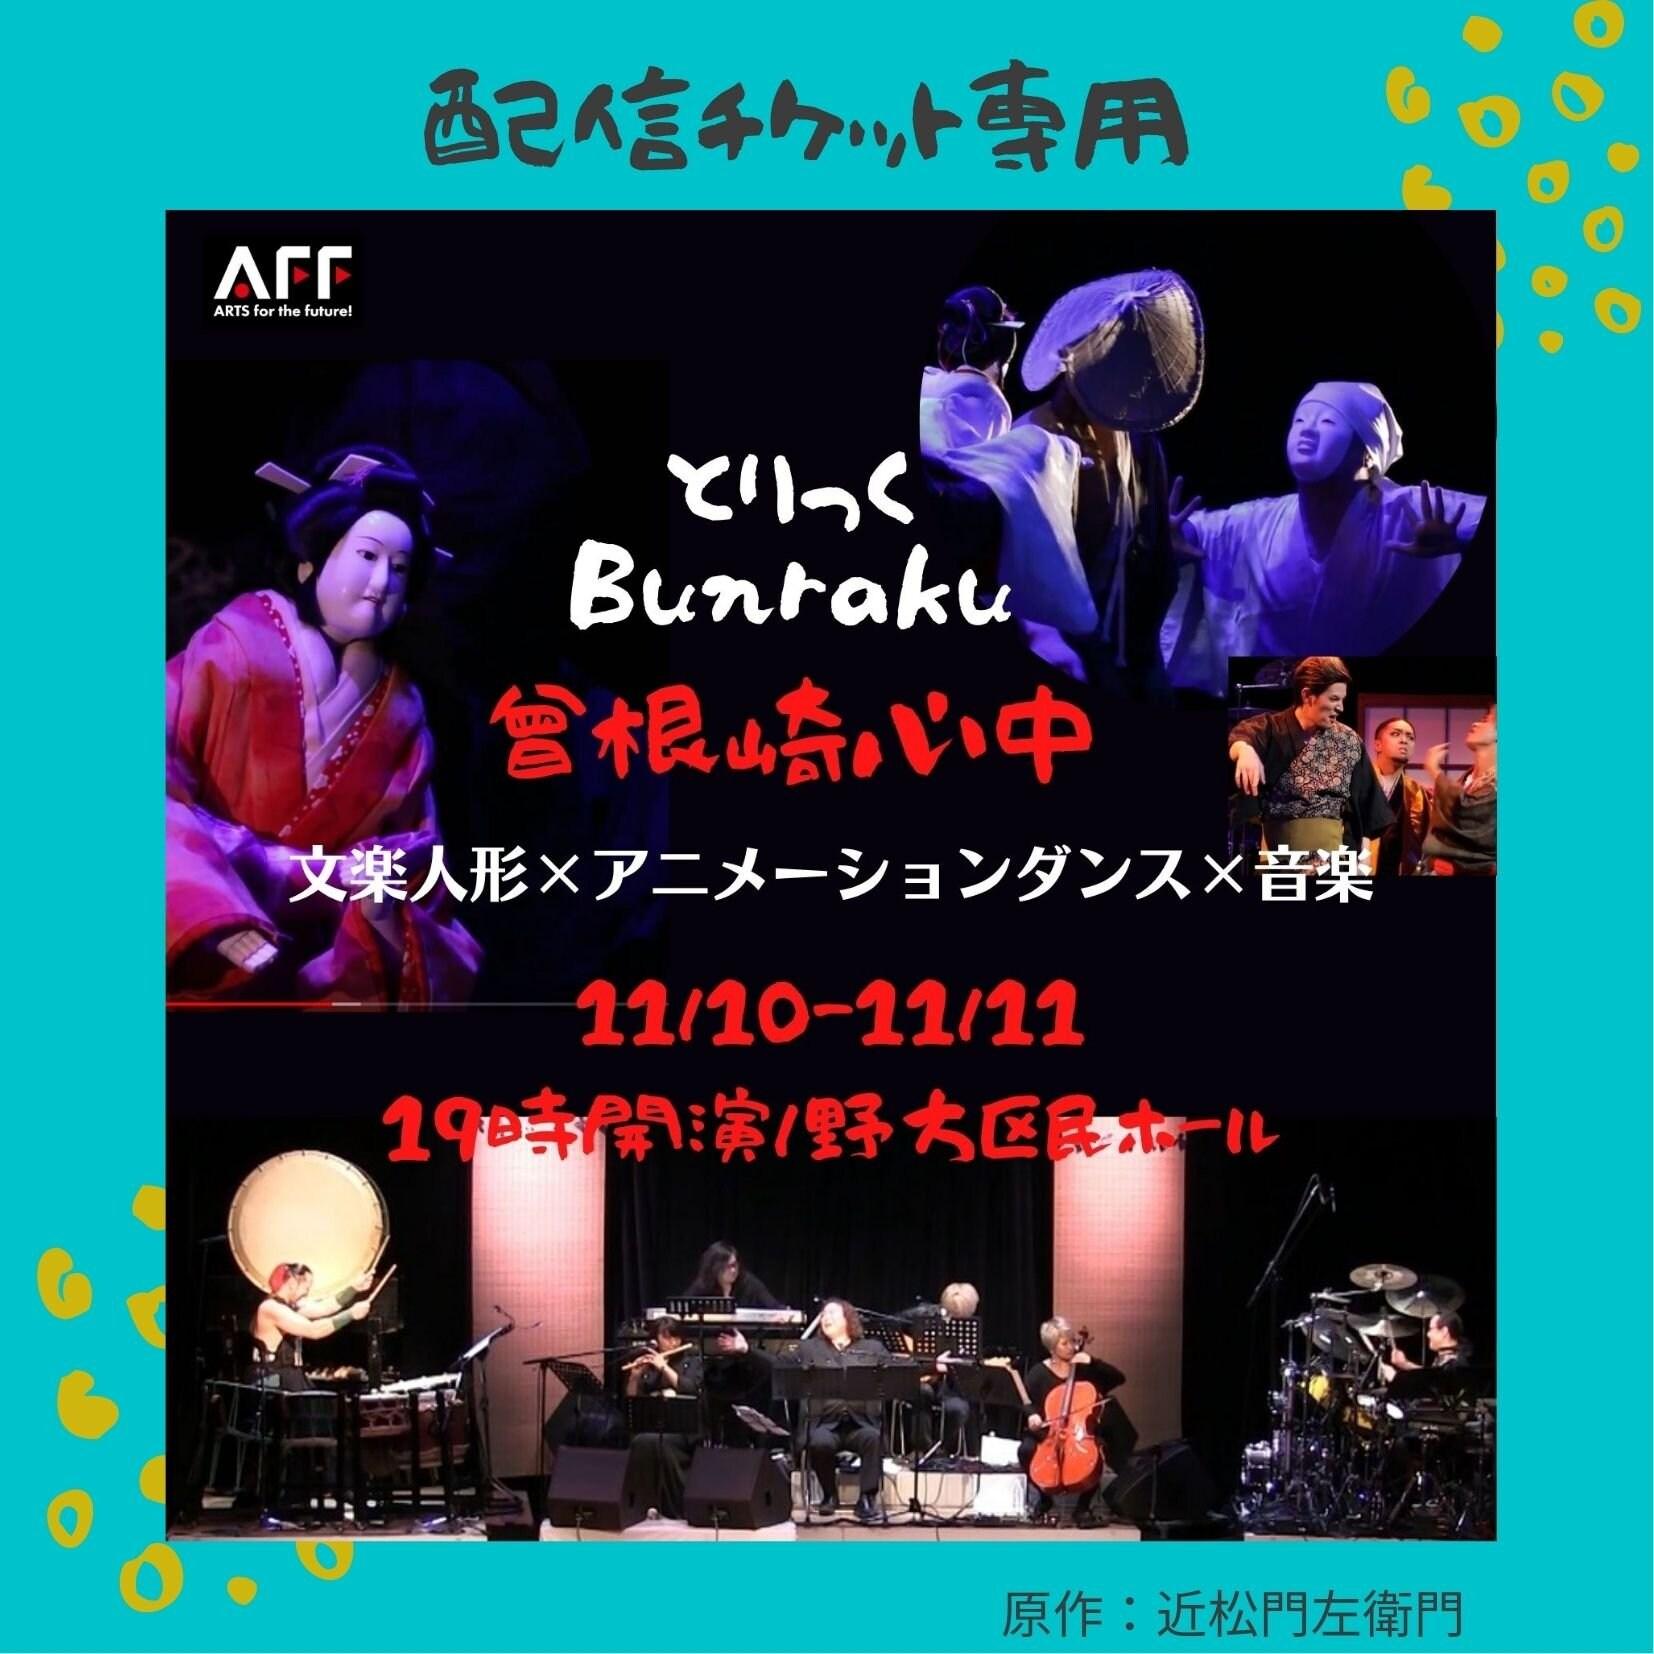 とりっくBunraku 「曾根崎心中」11月10日 21時半 配信スタート オンラインチケットのイメージその1